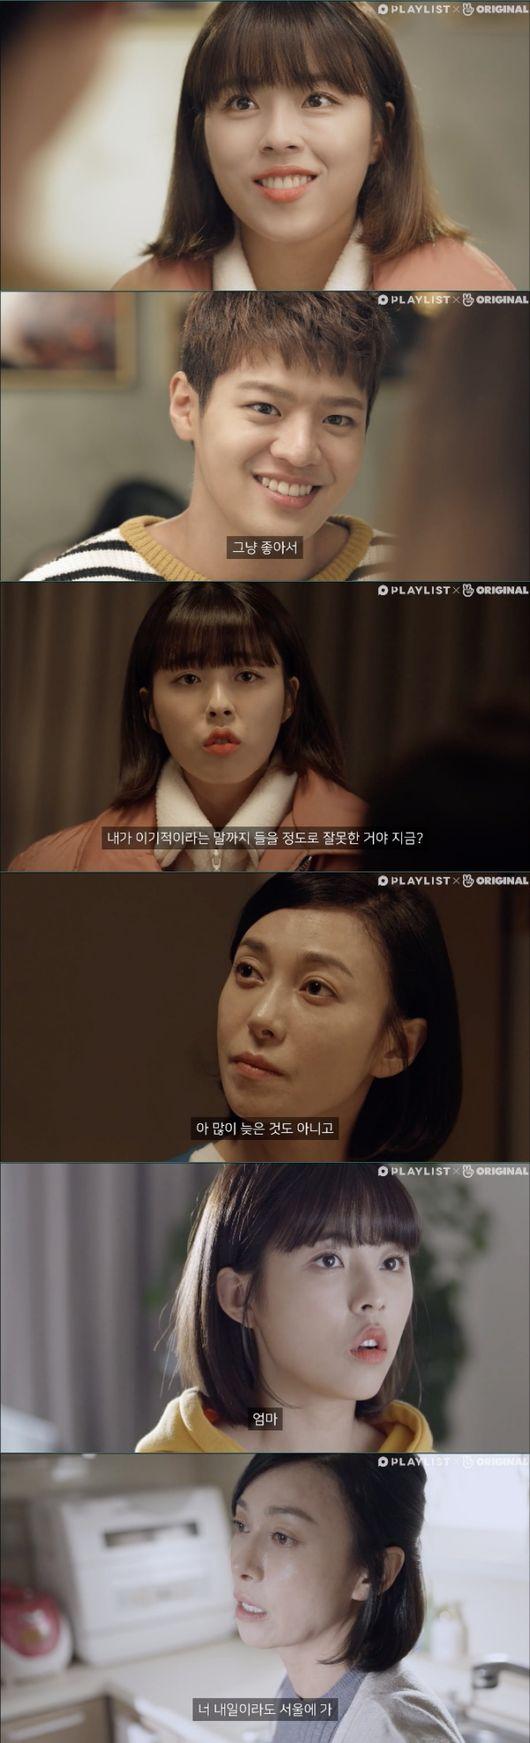 [사진=V라이브 화면] 플레이리스트 V오리지널 웹드라마 '인서울' 8회 속 민도희, 장영남, 려운 등.